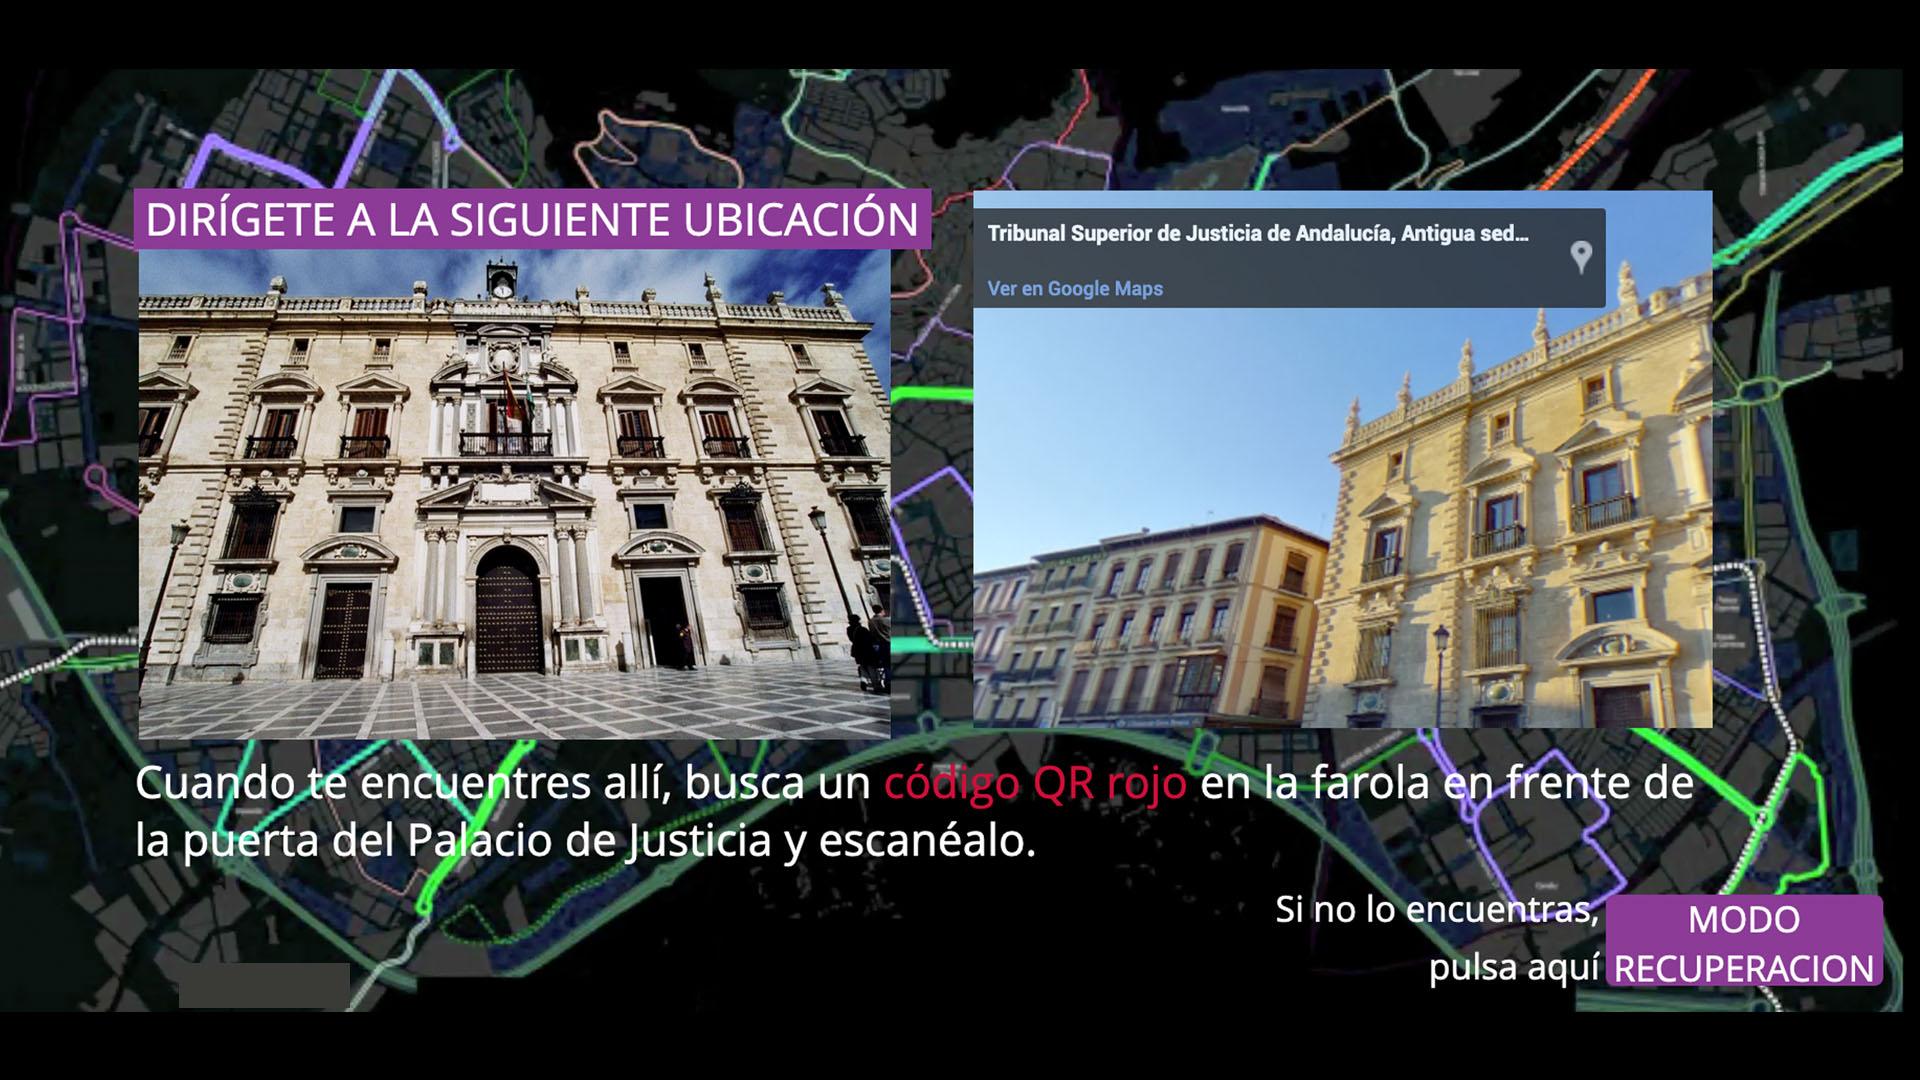 Juego Transmedia Realidad Alternativa (ARG) Utopi 4 Granada